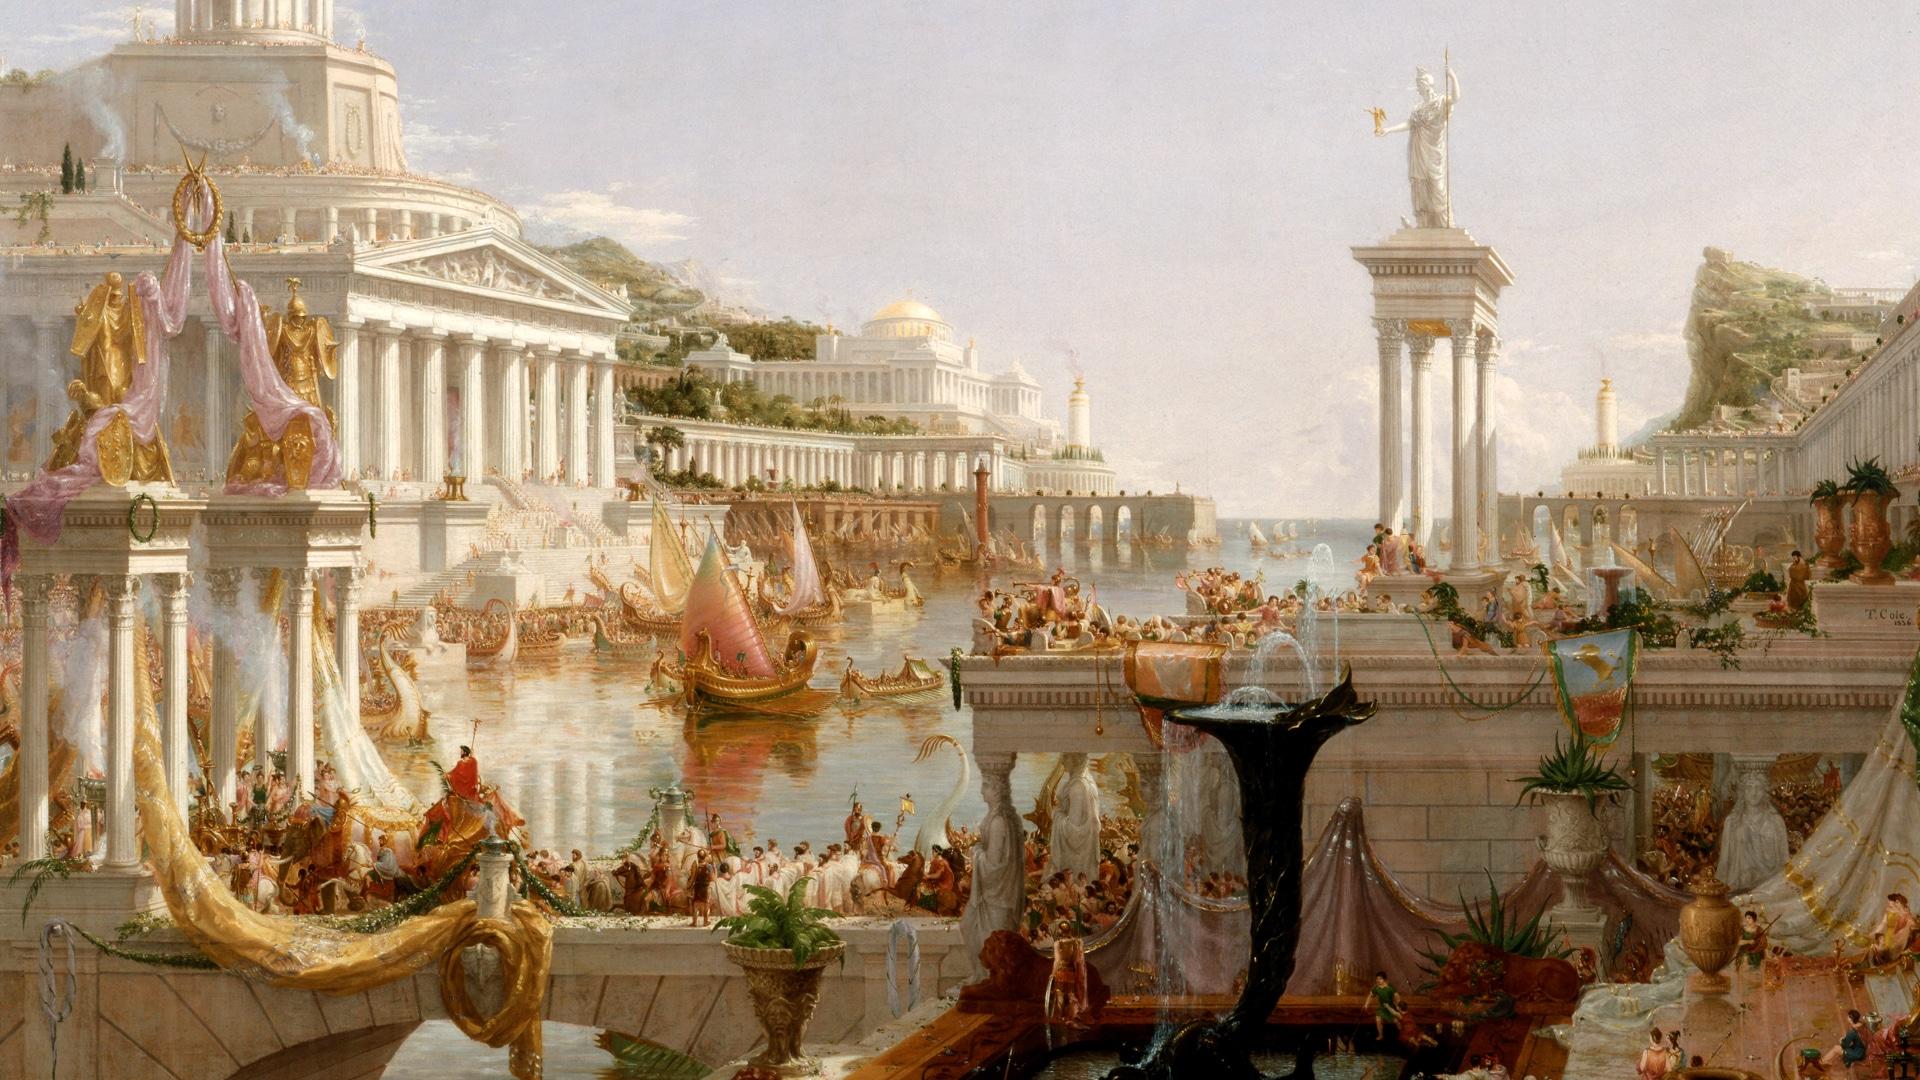 Римска империя - 27 г. пр. н. е. - 1453 г. сл. н. е. - най-дълго просъществувалите империи в историята